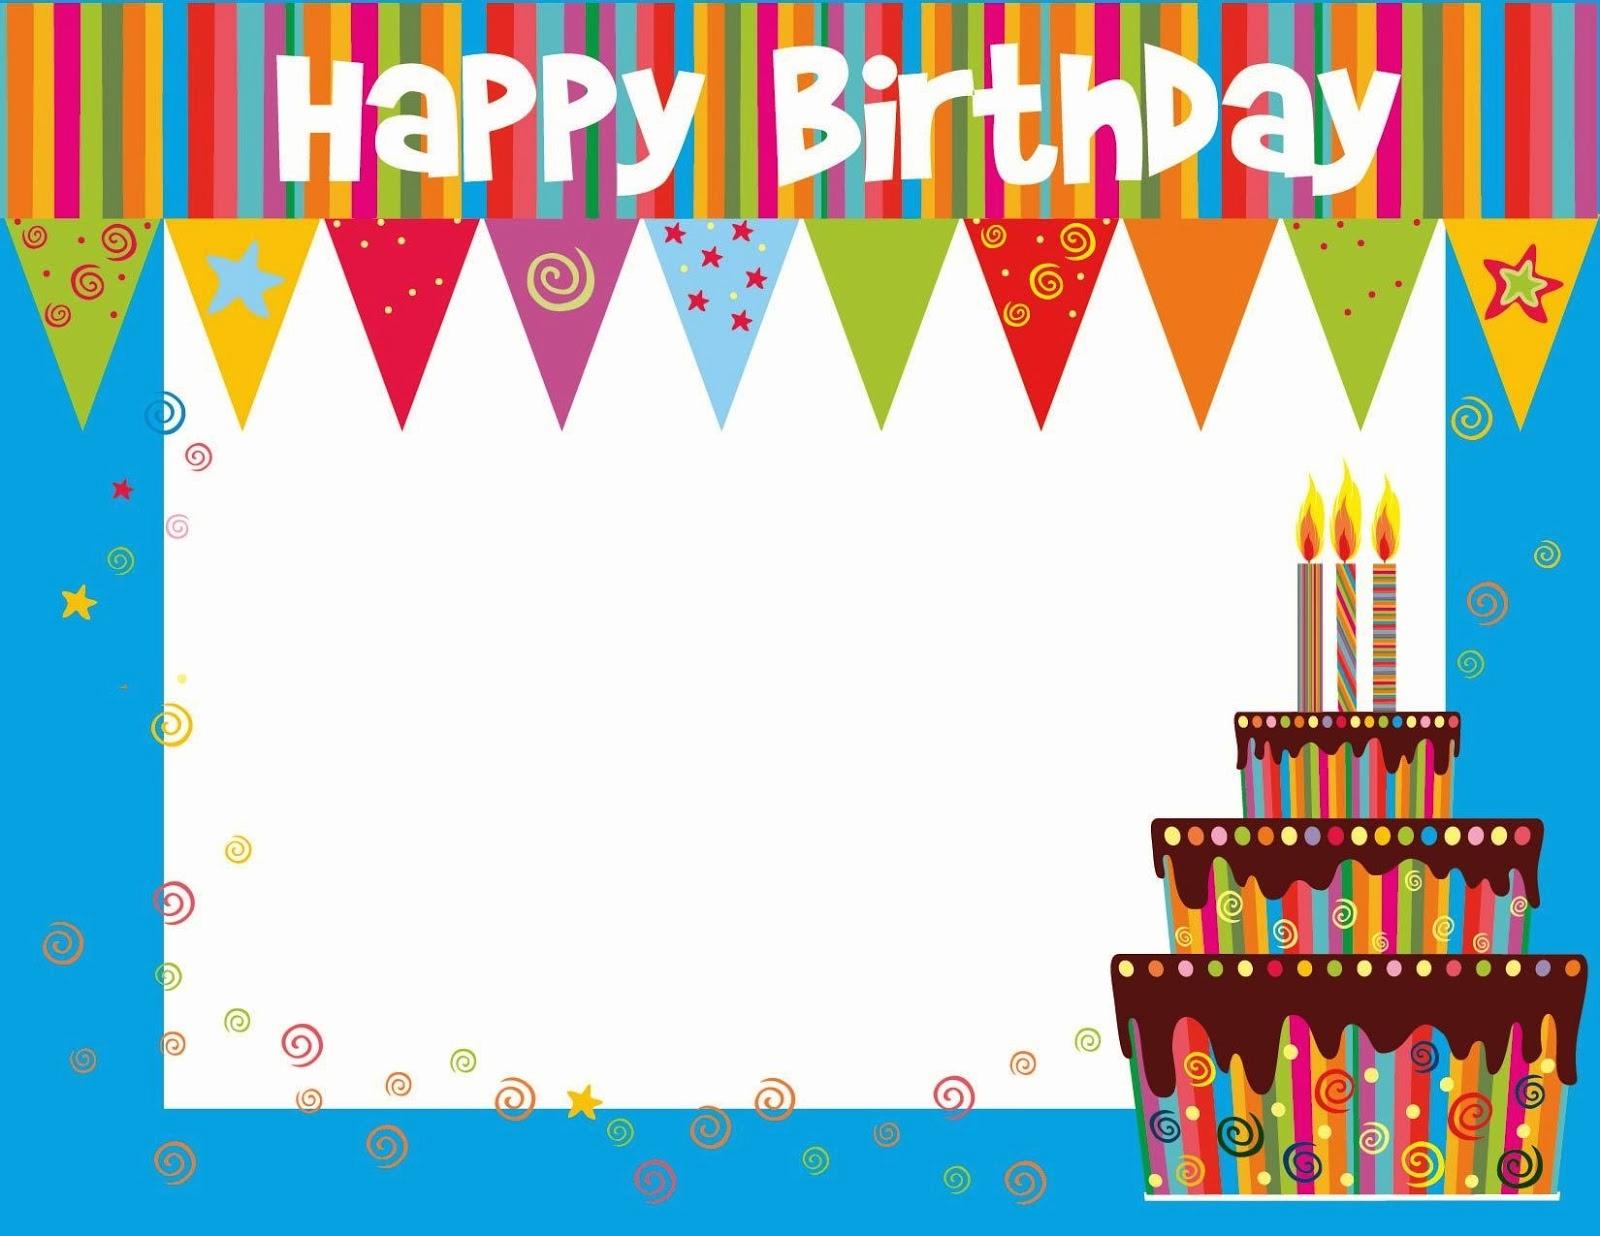 Hallmark Big Birthday Cards Inspirational Inspirational Hallmark - Free Printable Hallmark Cards